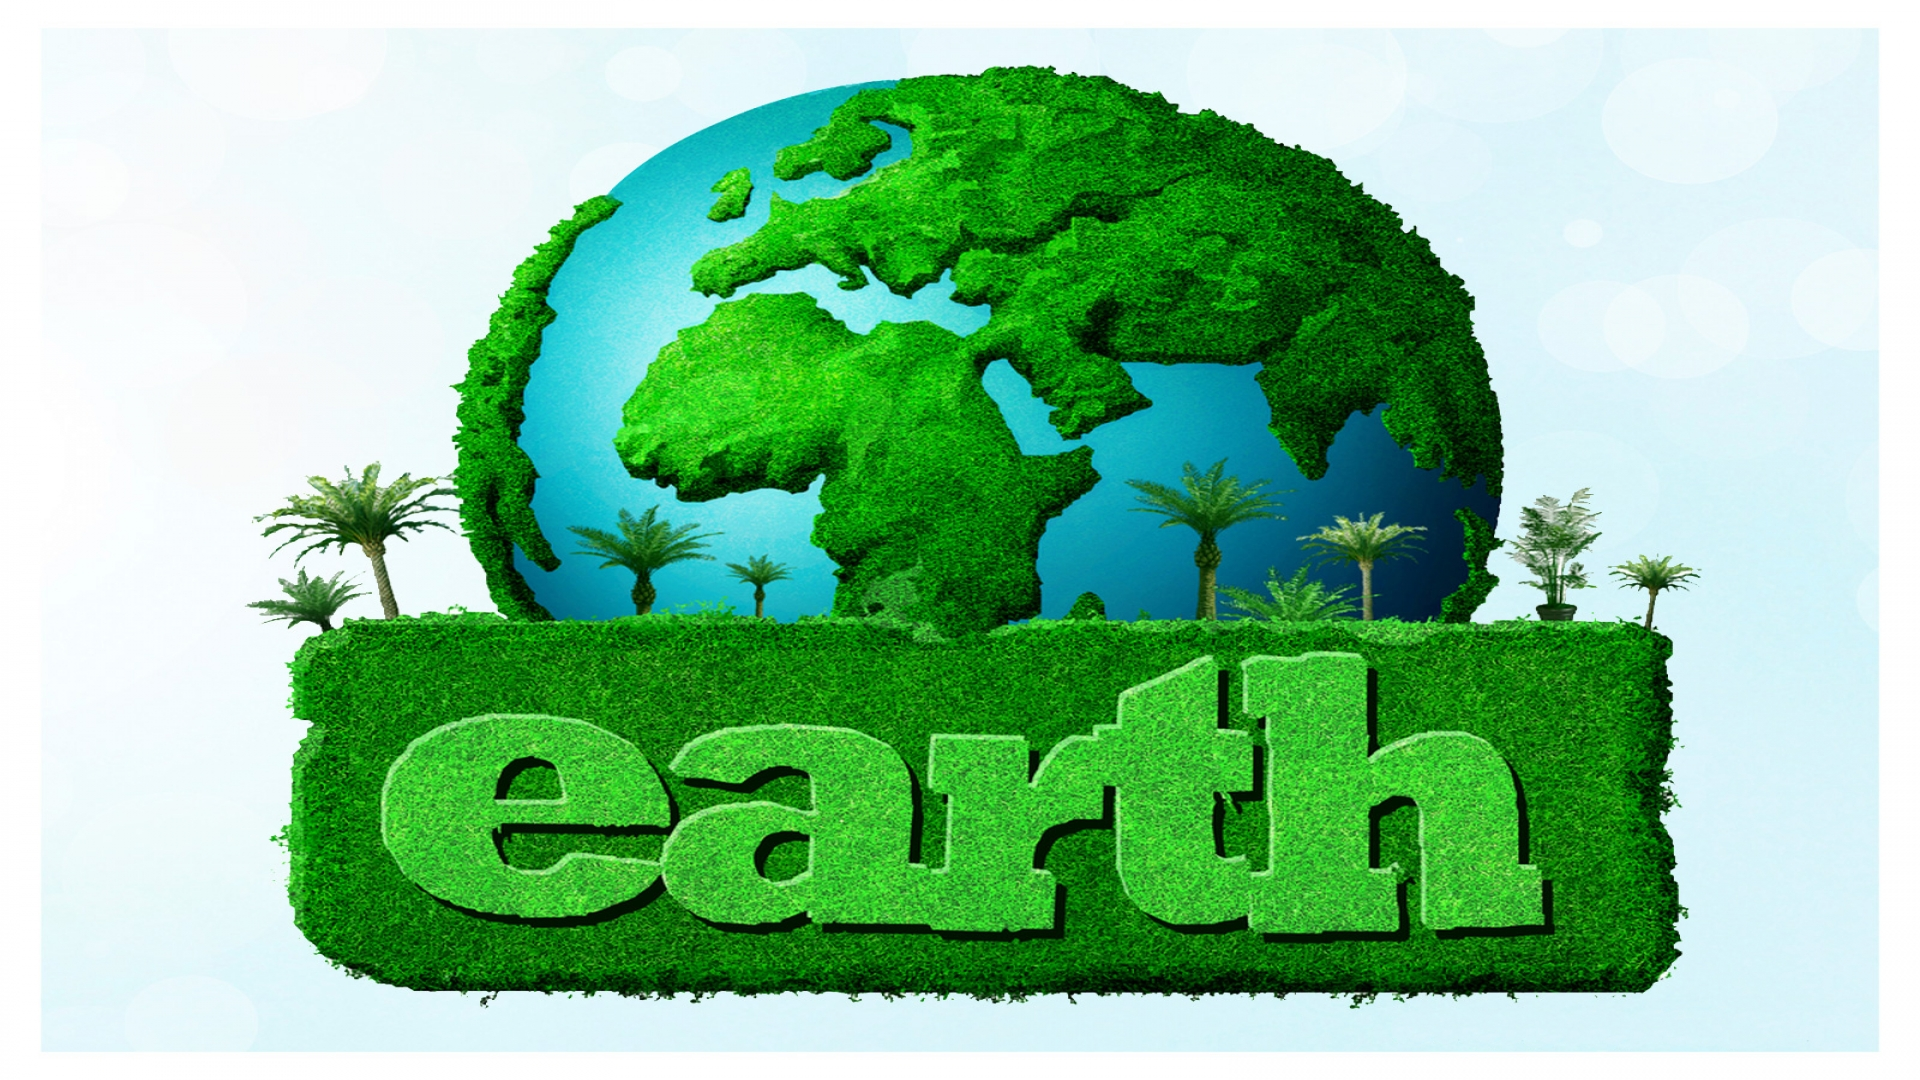 Giornata della Terra - Earth day 2021   ForumForYou.it